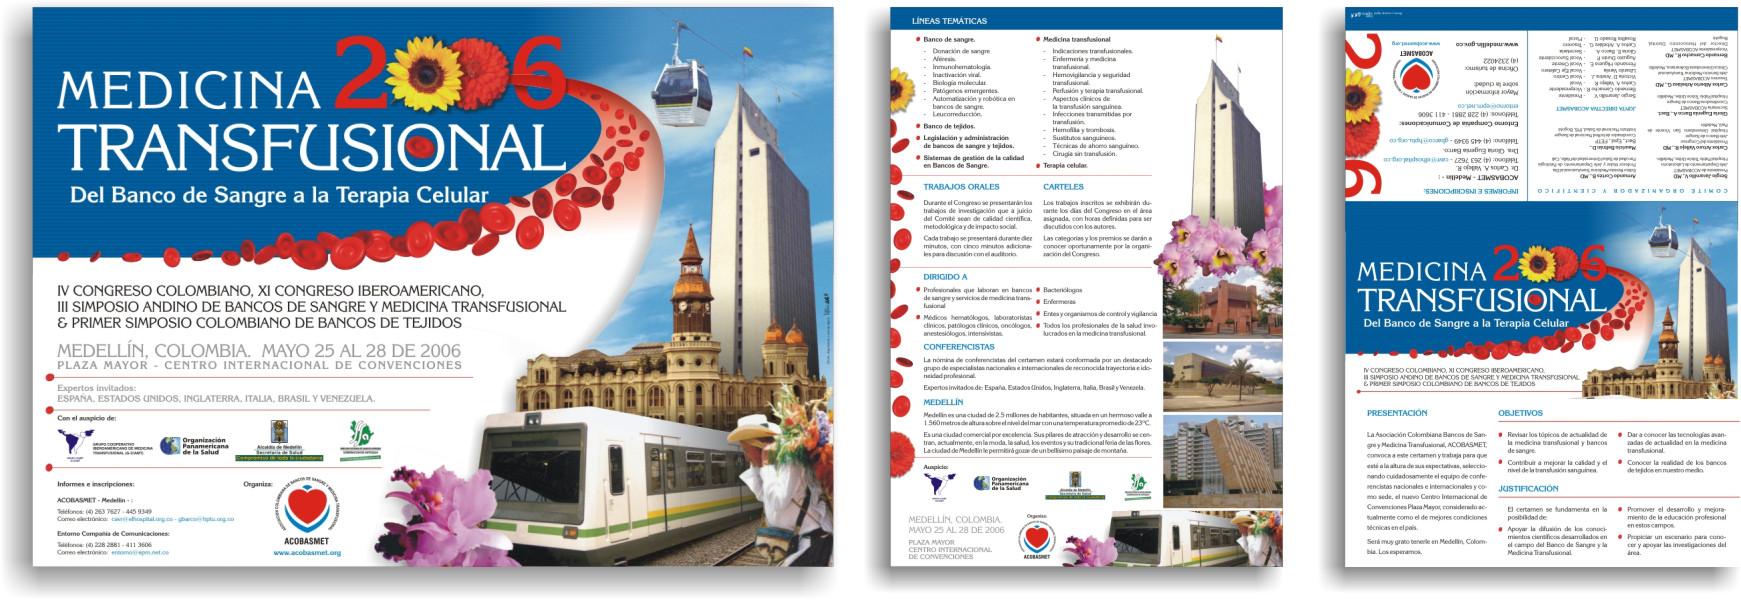 Congreso de Medicina Transfusional